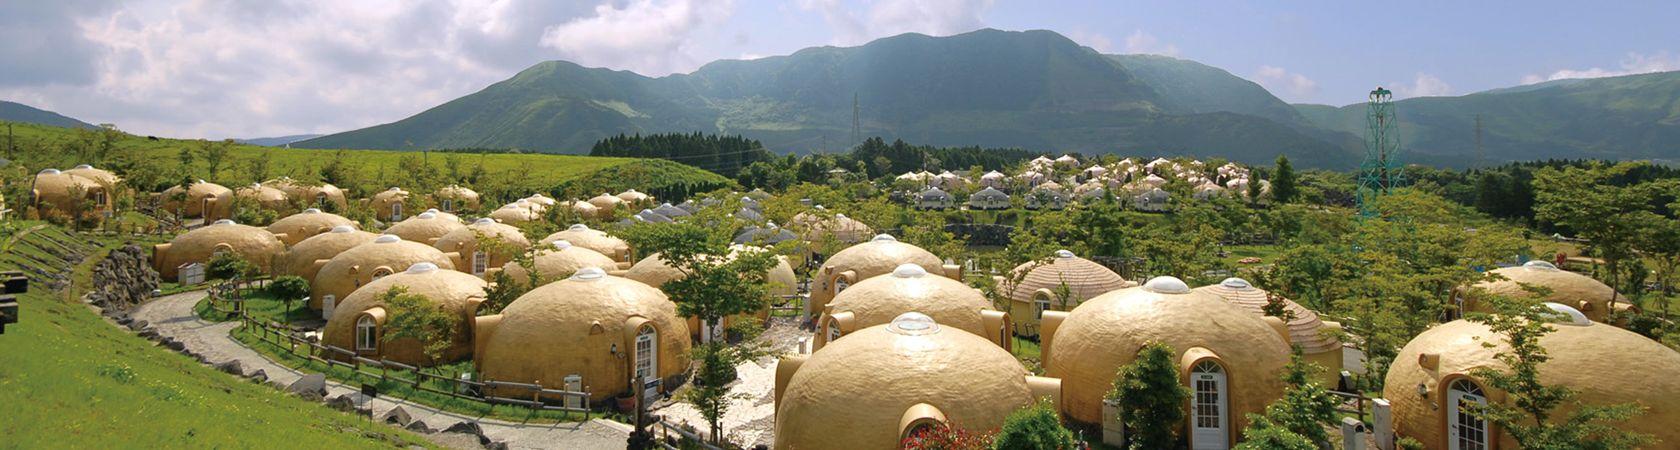 阿蘇ファームランド 熊本県 おすすめ 宿 ホテル 九州 旅行 観光